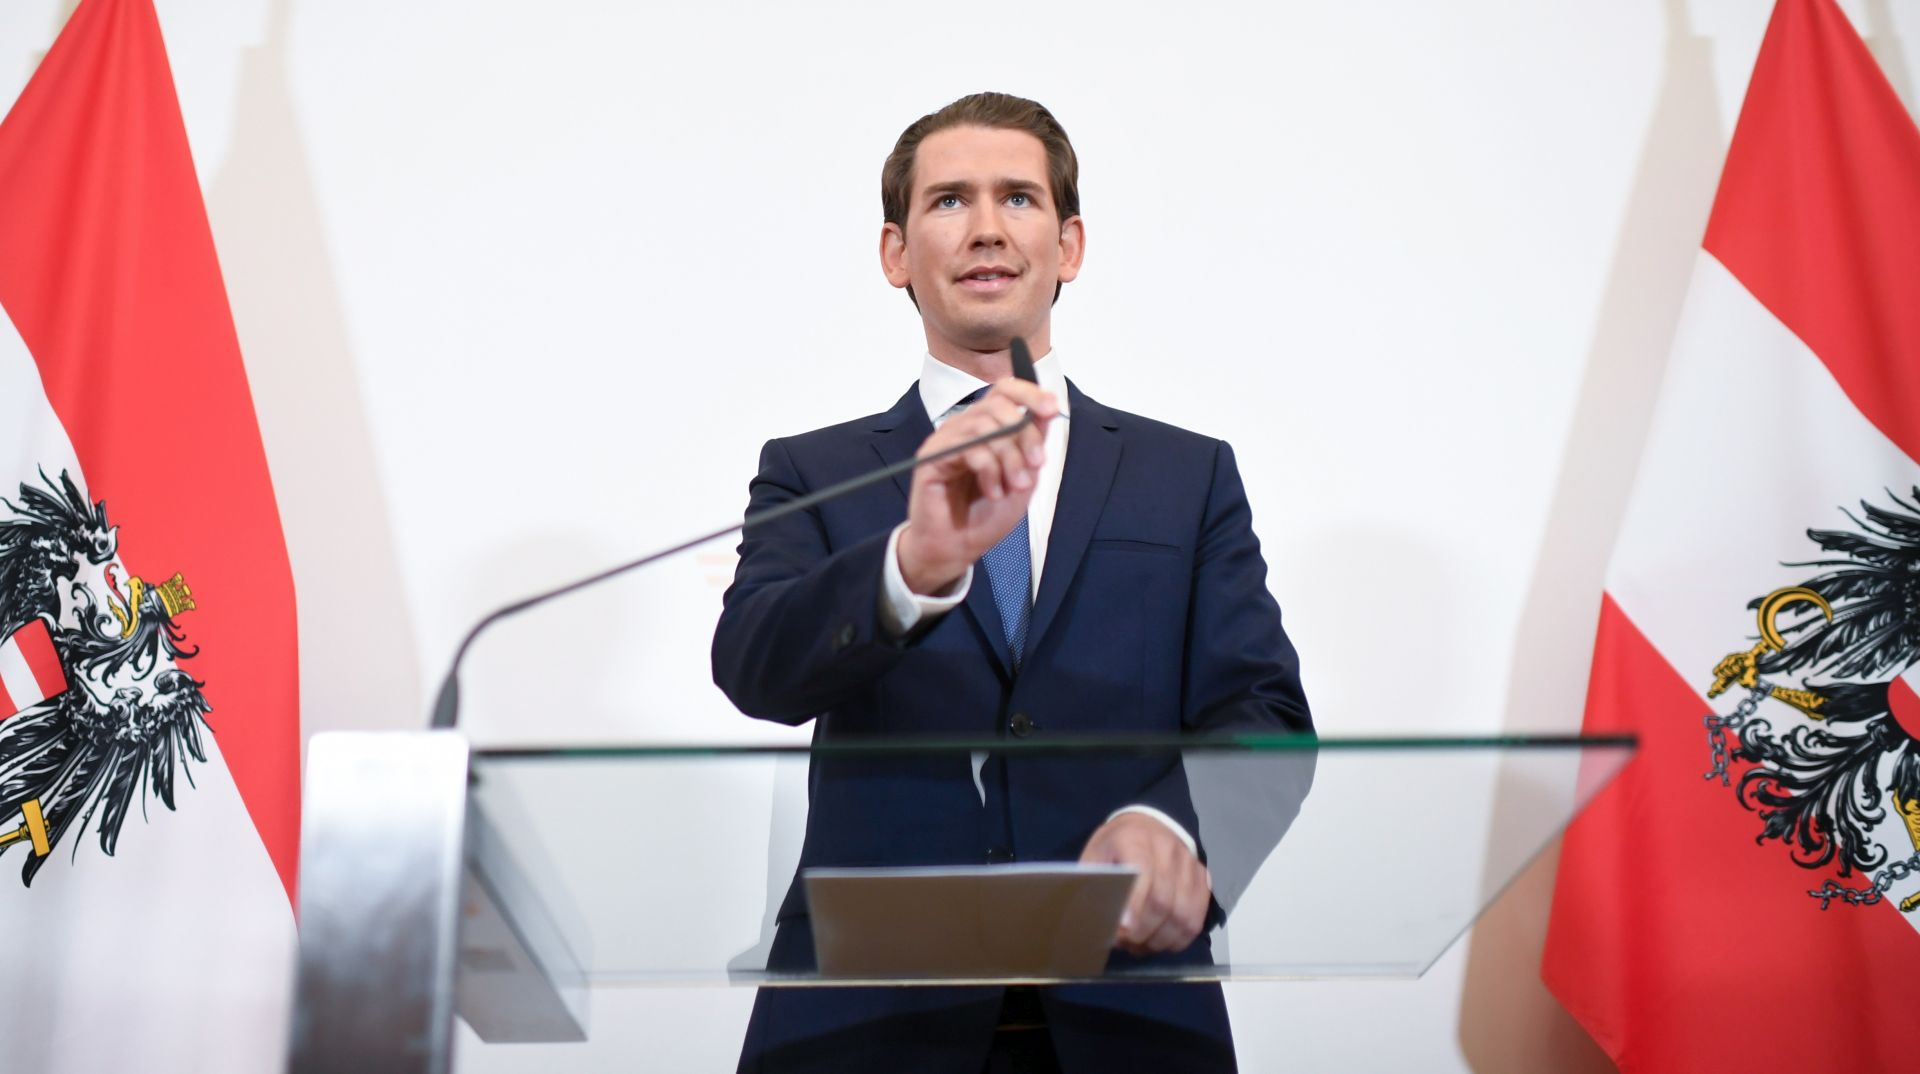 Smijenjen ministar unutrašnjih poslova, svi ministri FPOe-a dali ostavke